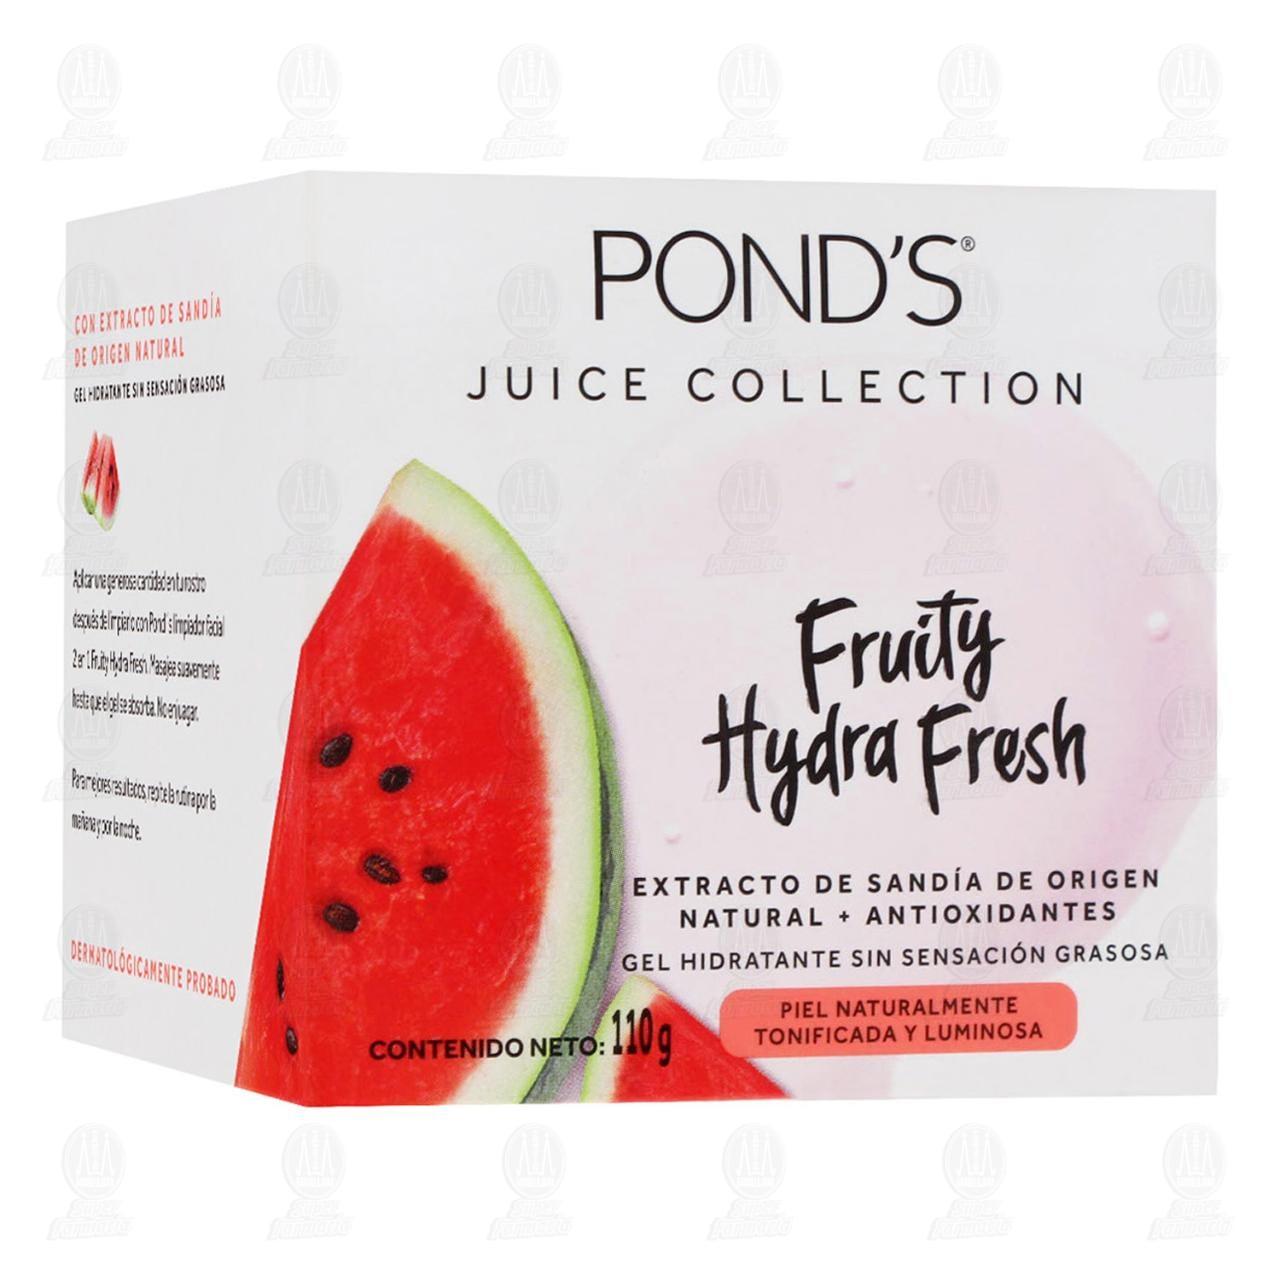 Comprar Gel Hidratante Pond's Fruity Hydra Fresh Sandía, 110 gr. en Farmacias Guadalajara